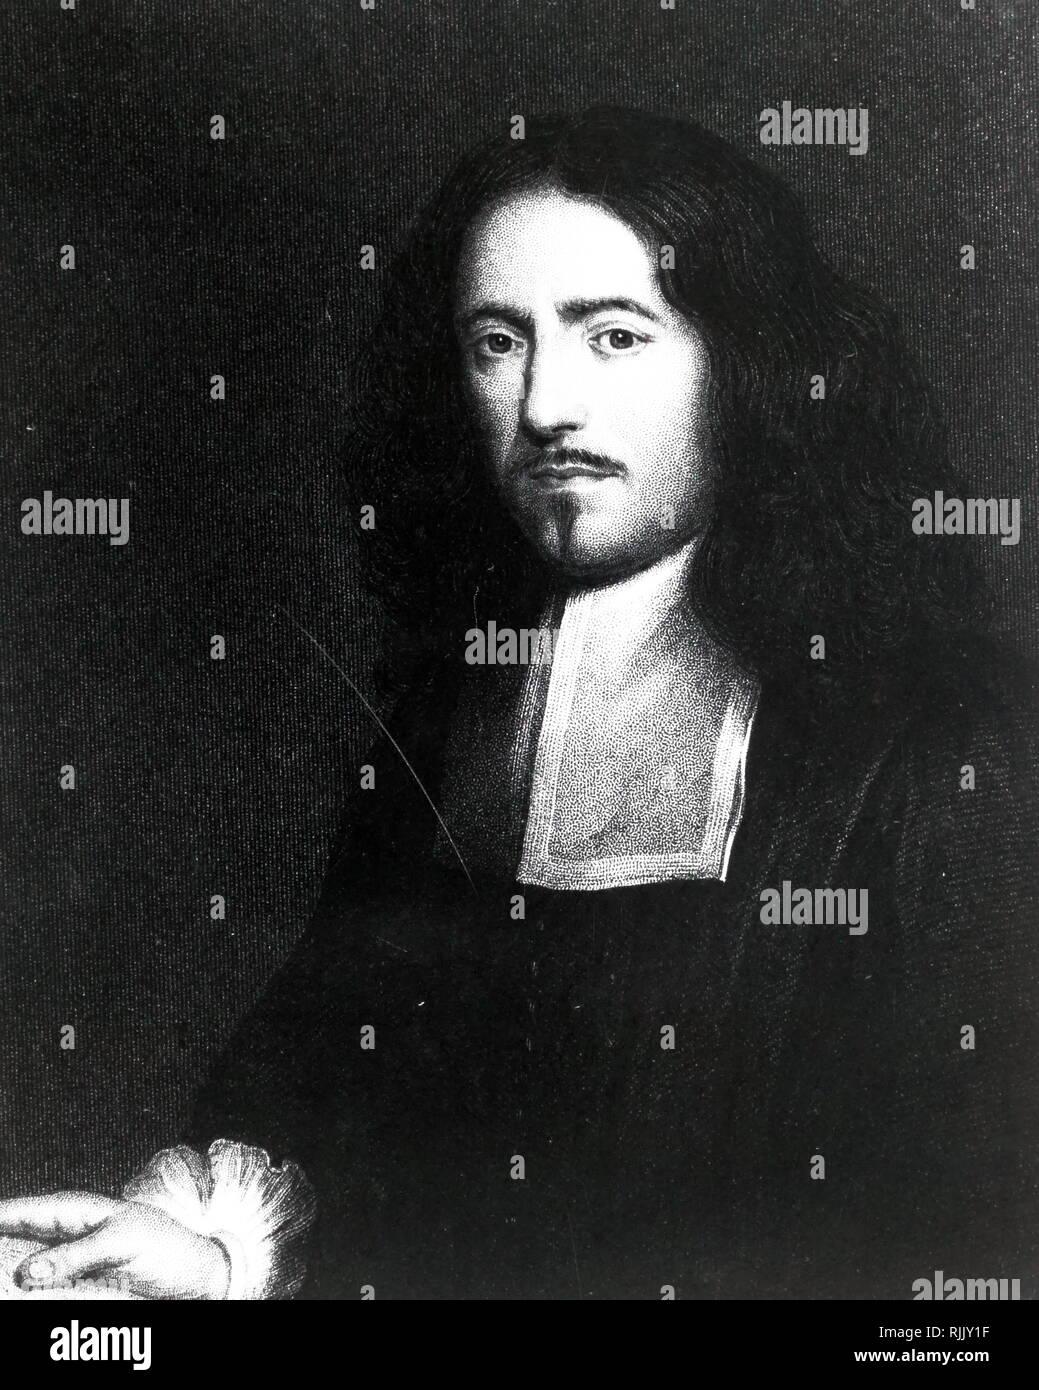 """Portrait de Marcello Malpighi (1628 - 1694), biologiste et médecin italien, qui est appelé le """"père de l'anatomie microscopique, histologie, physiologie et de l'embryologie humaine'. Photo Stock"""